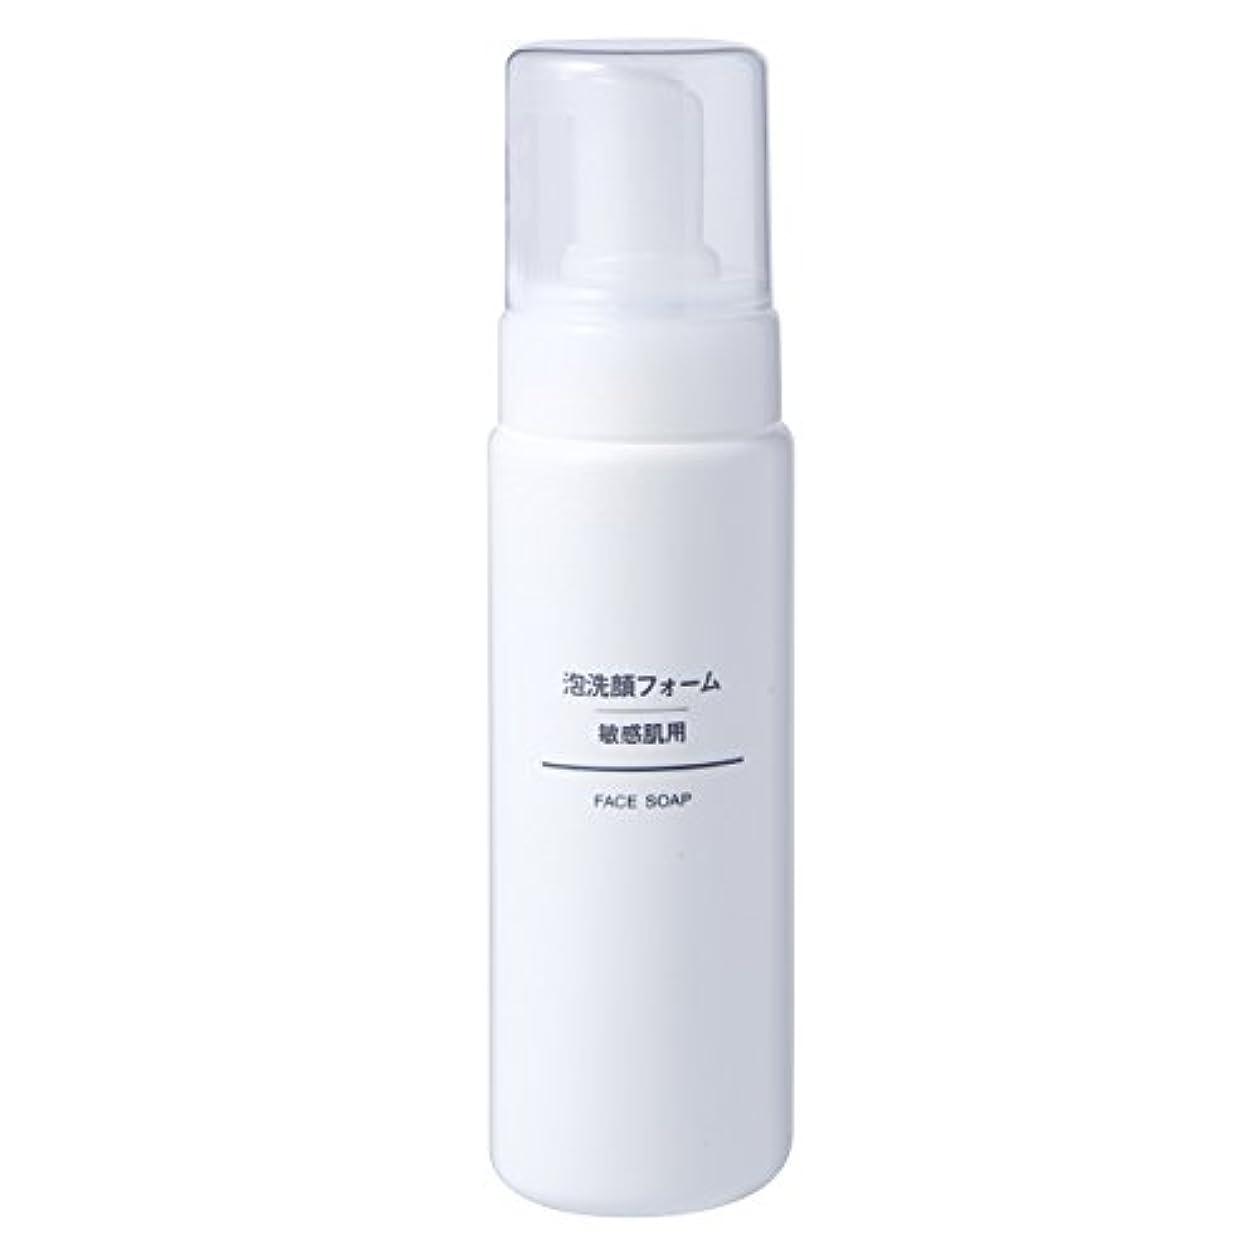 禁止する凝視認める無印良品 泡洗顔フォーム 敏感肌用 200ml